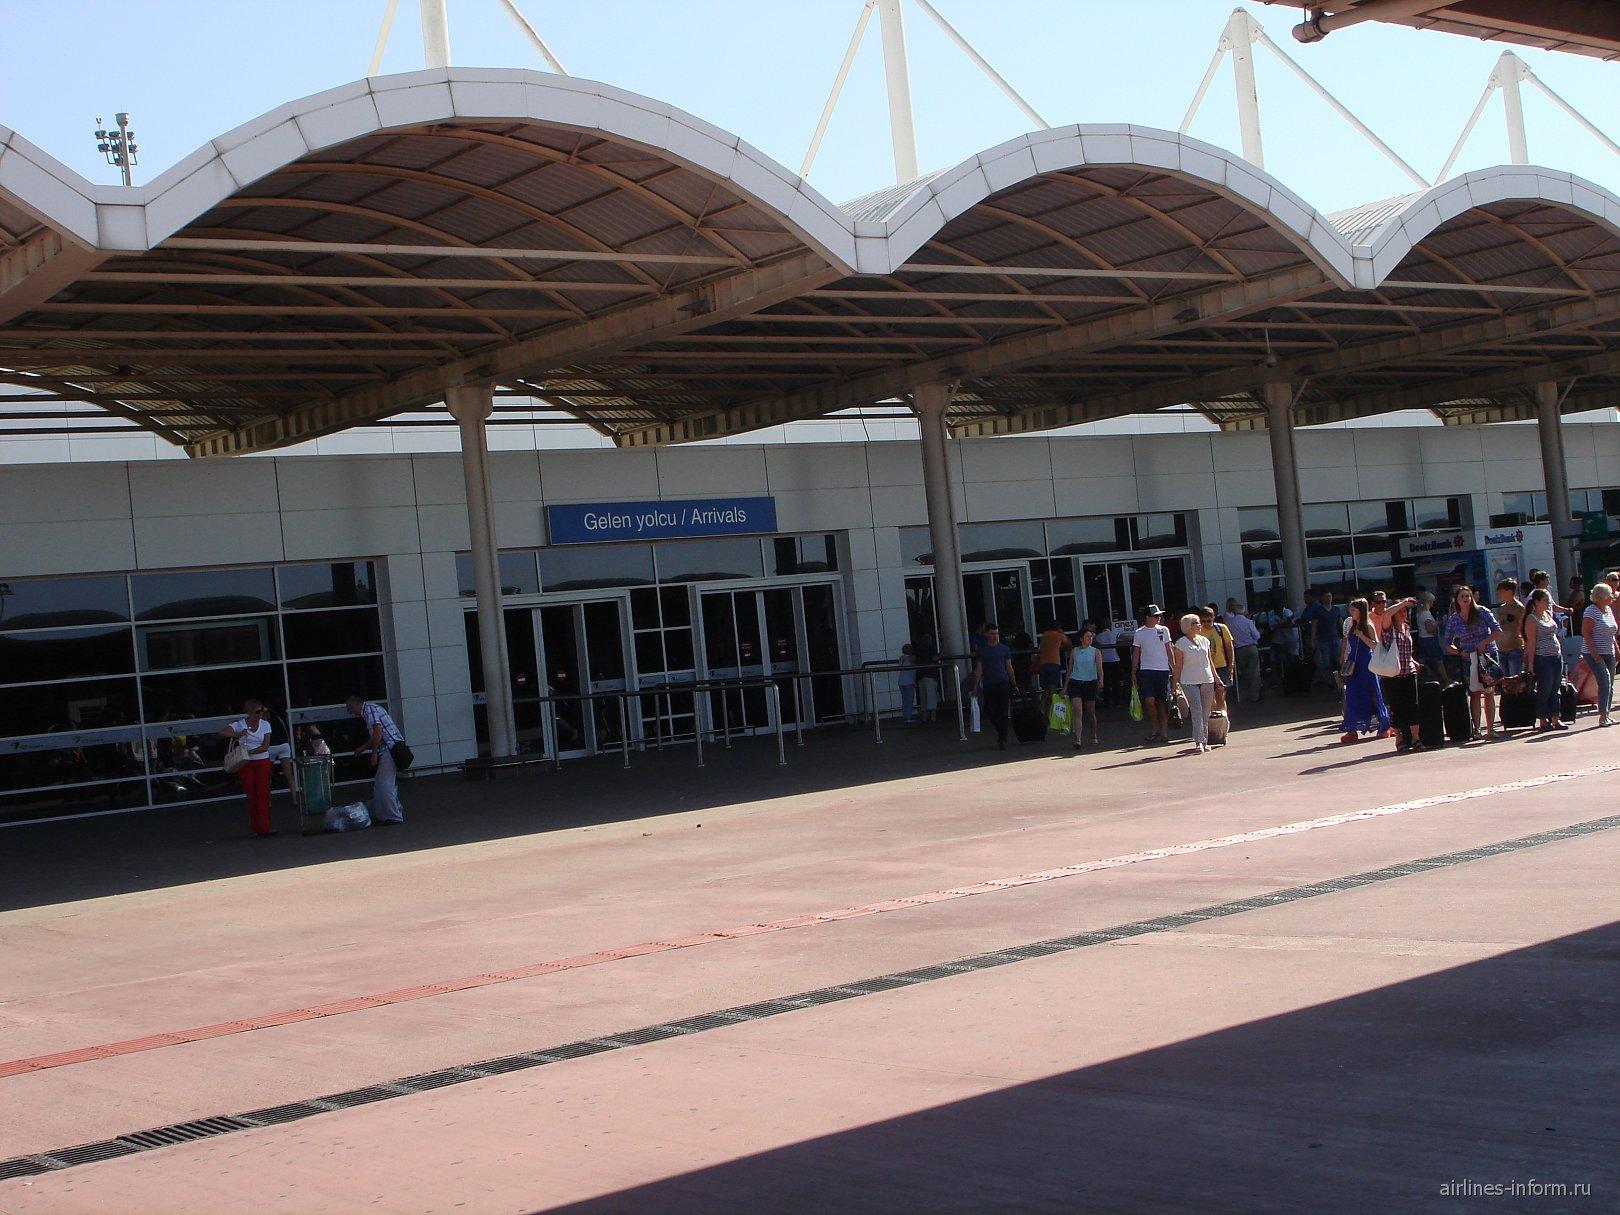 Выход из зоны прилета Терминала 2 аэропорта Анталья